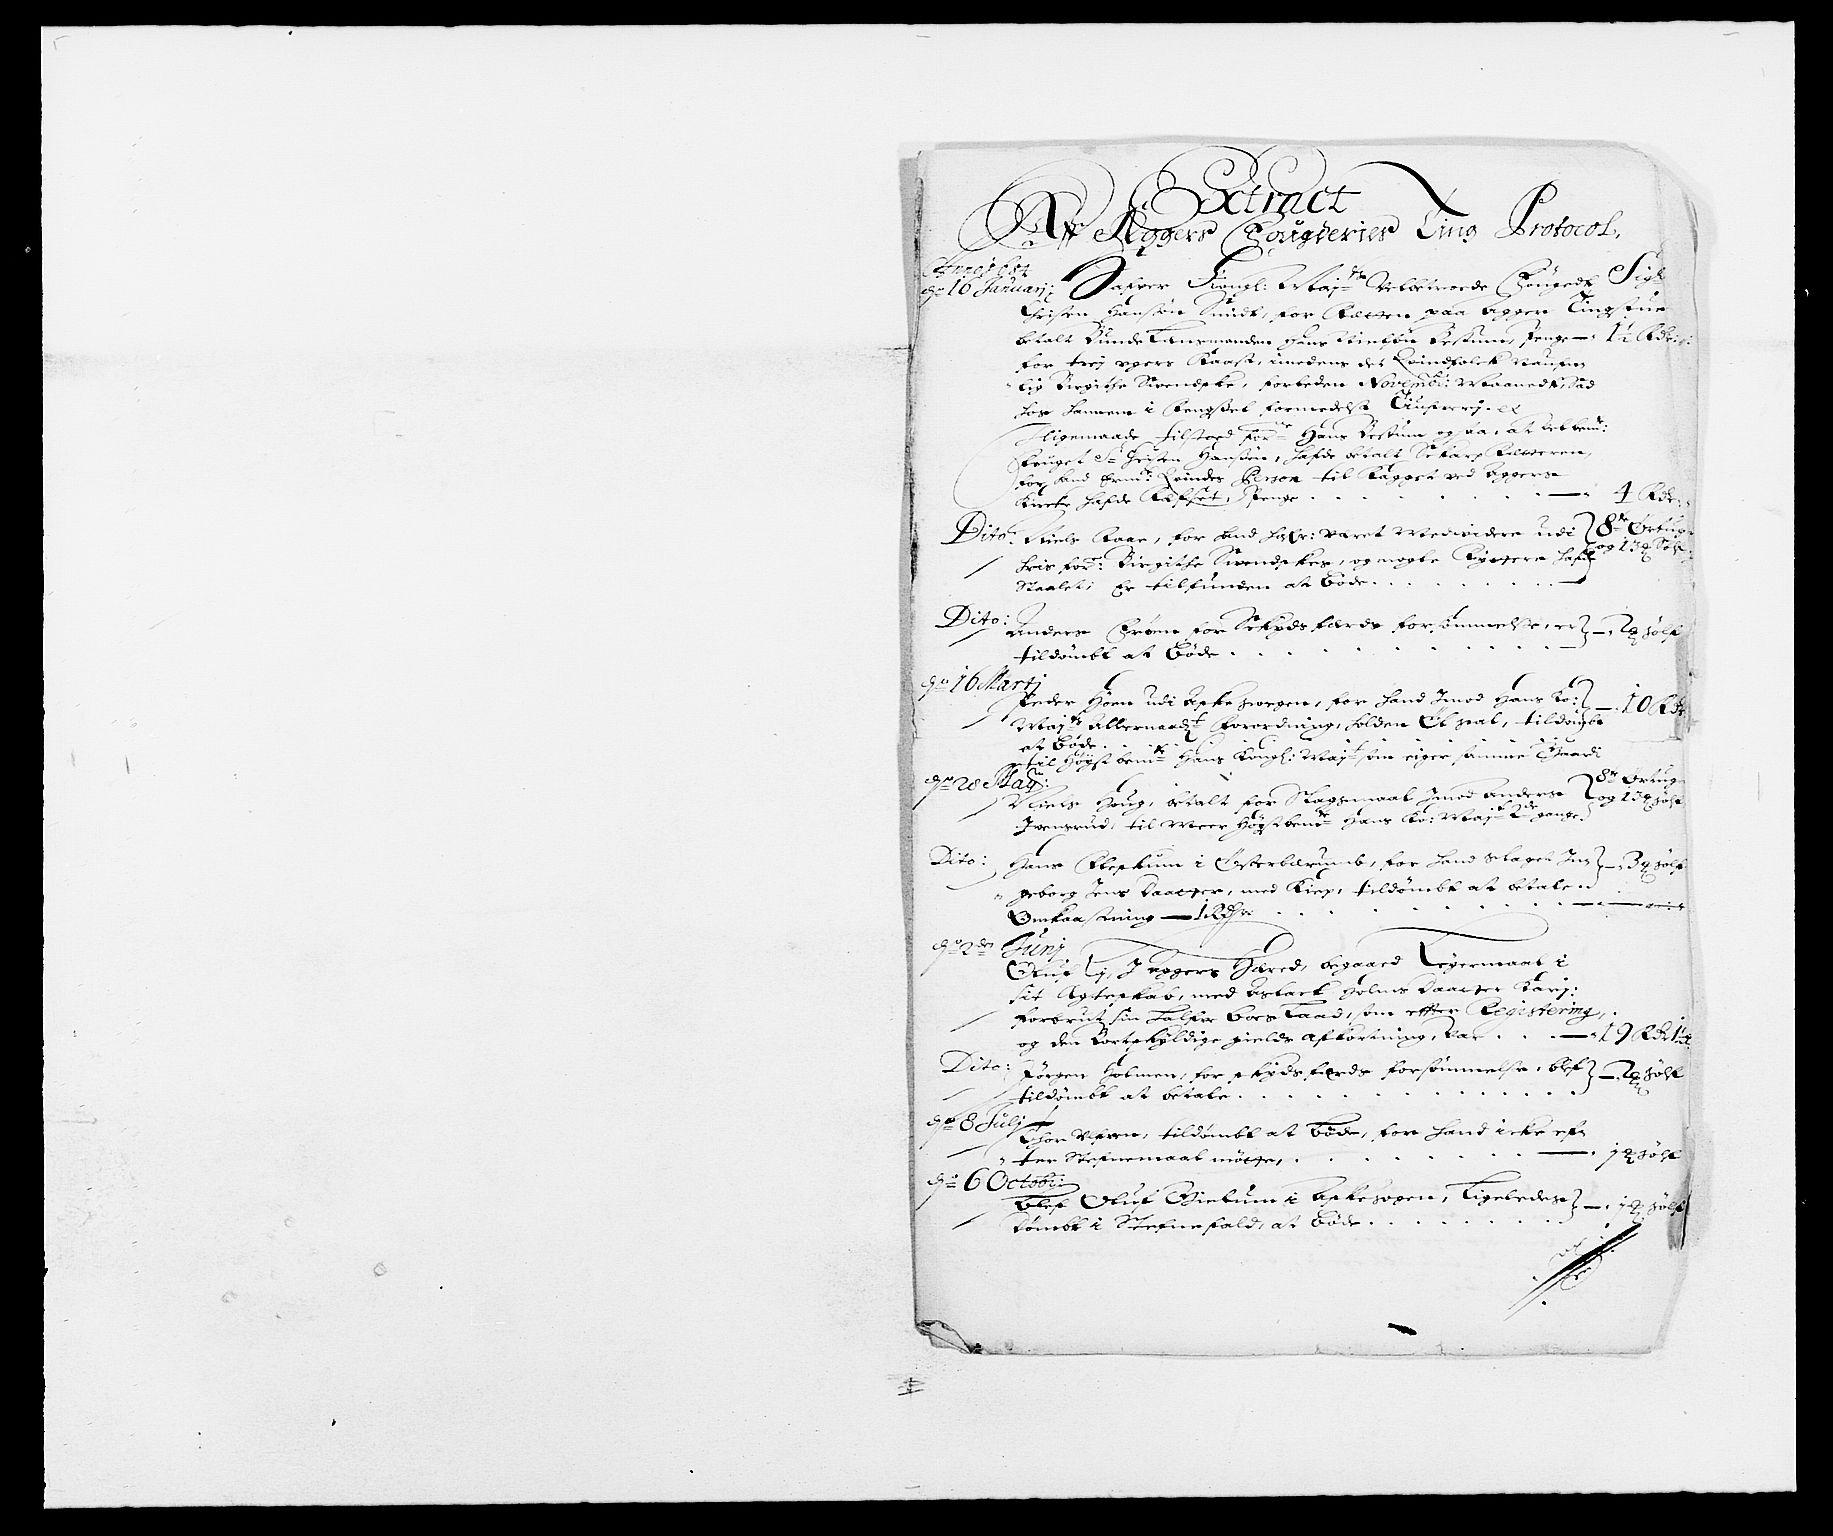 RA, Rentekammeret inntil 1814, Reviderte regnskaper, Fogderegnskap, R08/L0421: Fogderegnskap Aker, 1682-1683, s. 26